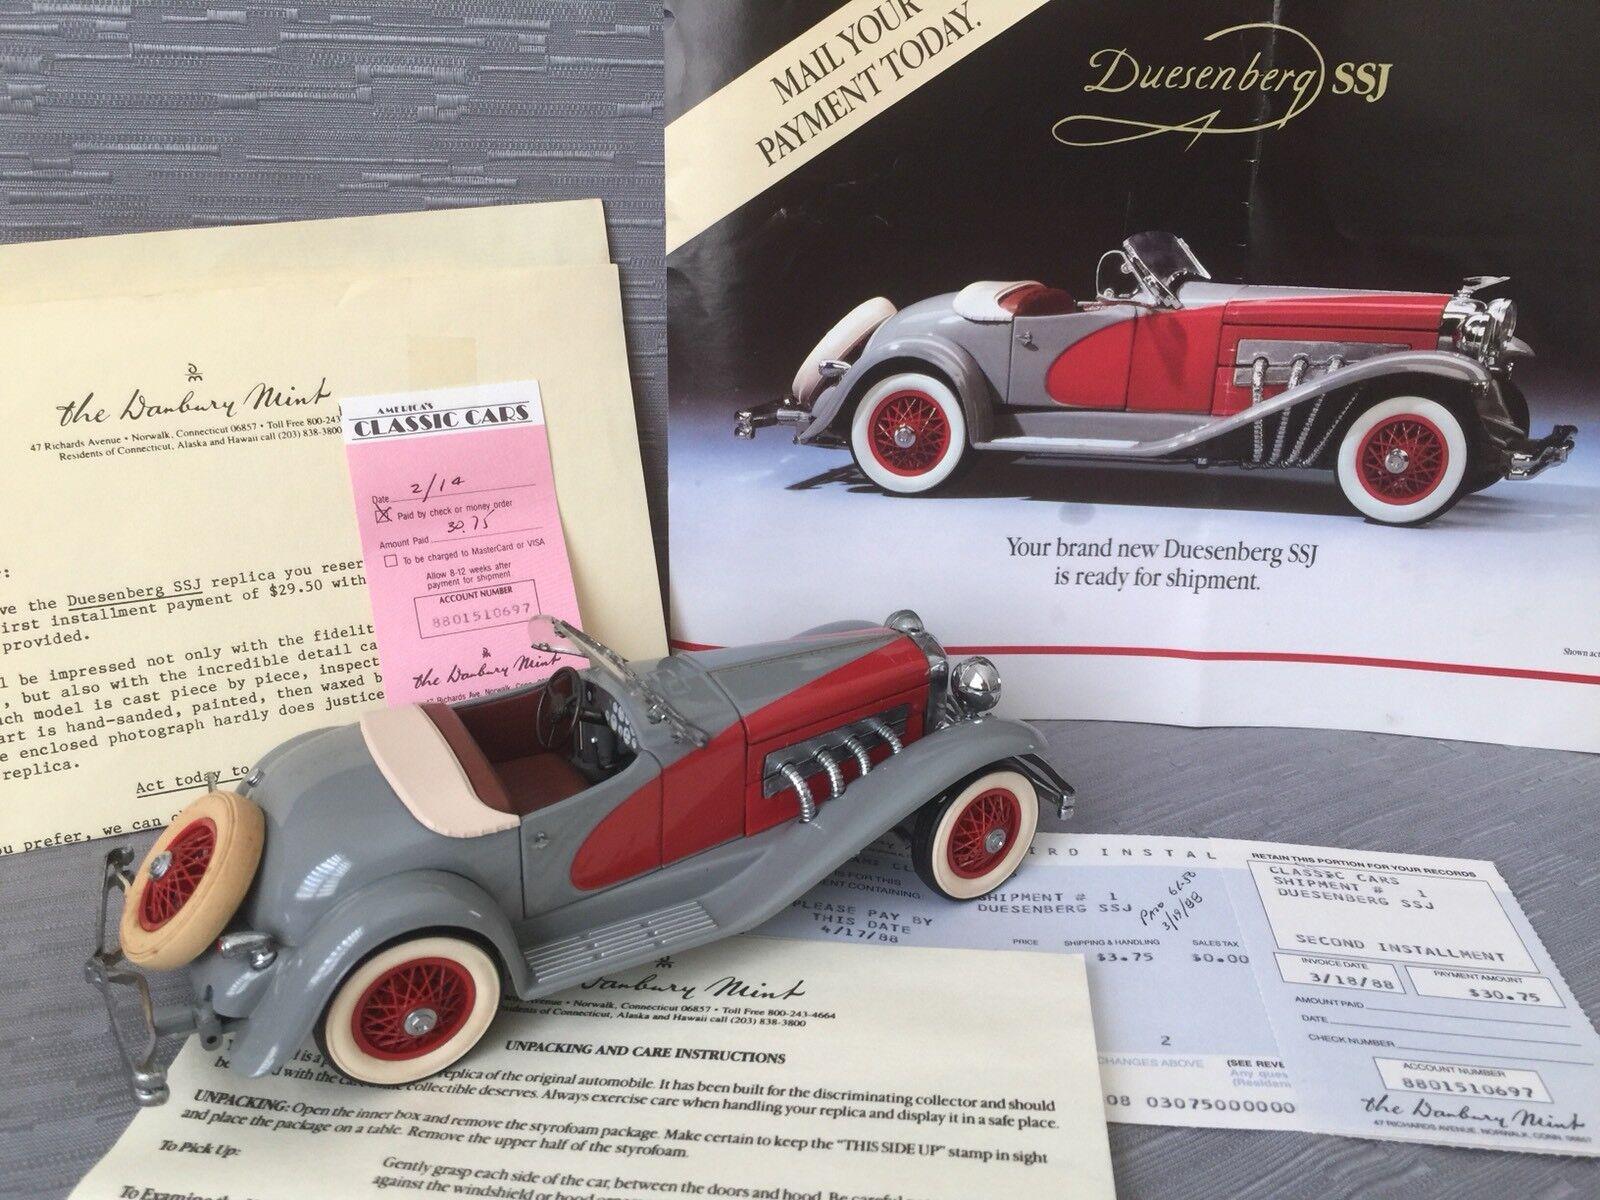 DANBURY Comme neuf 1935 Duesenberg SSJ 1 24 échelle DIE-CAST avec papiers